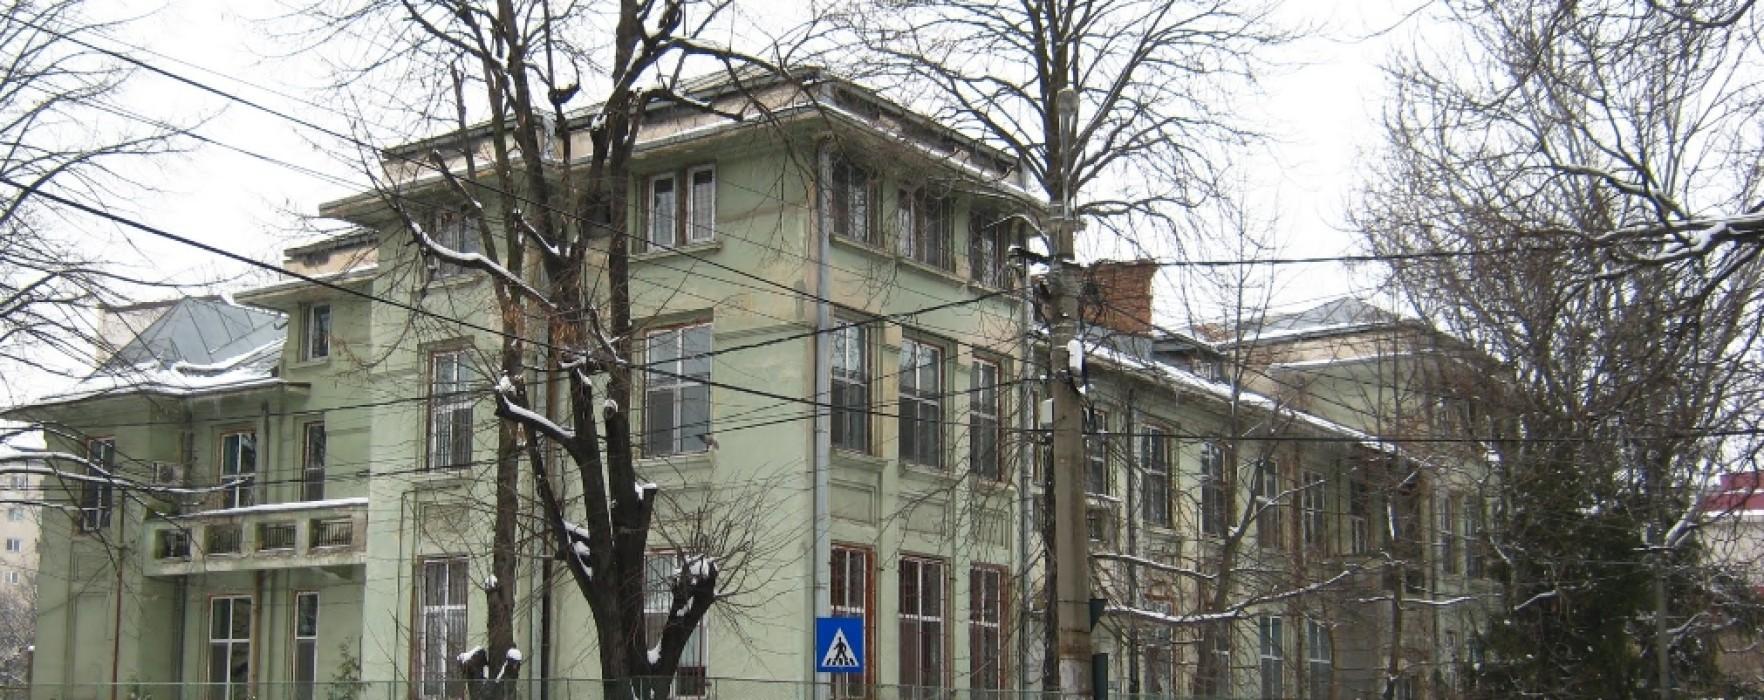 Secţia de boli infecţioase din Târgovişte se va muta din strada Rodnei la Dealu Mare